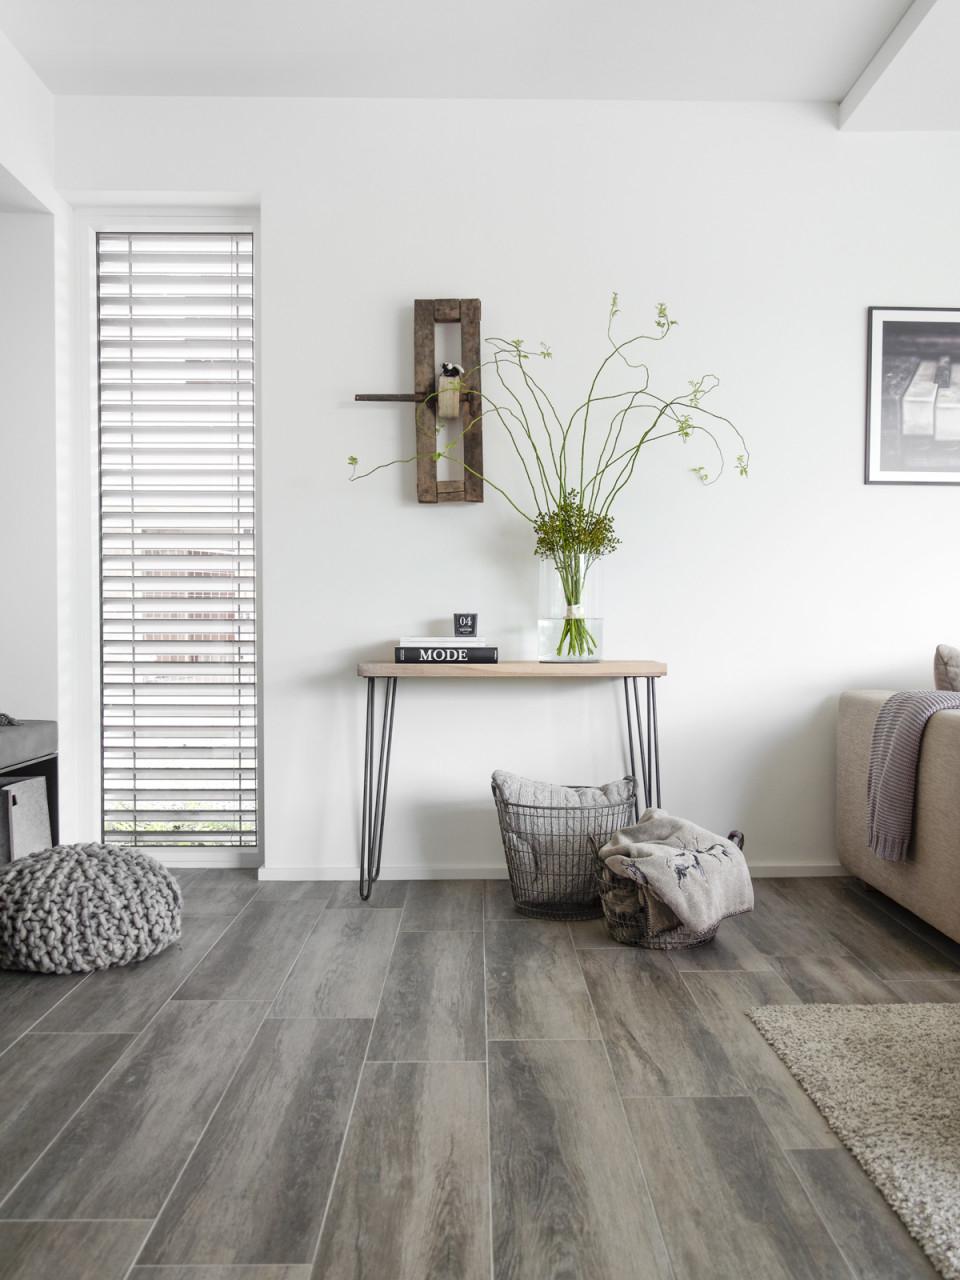 Dekoration  Weniger Ist Mehr  Mxliving von Sommer Deko Wohnzimmer Photo